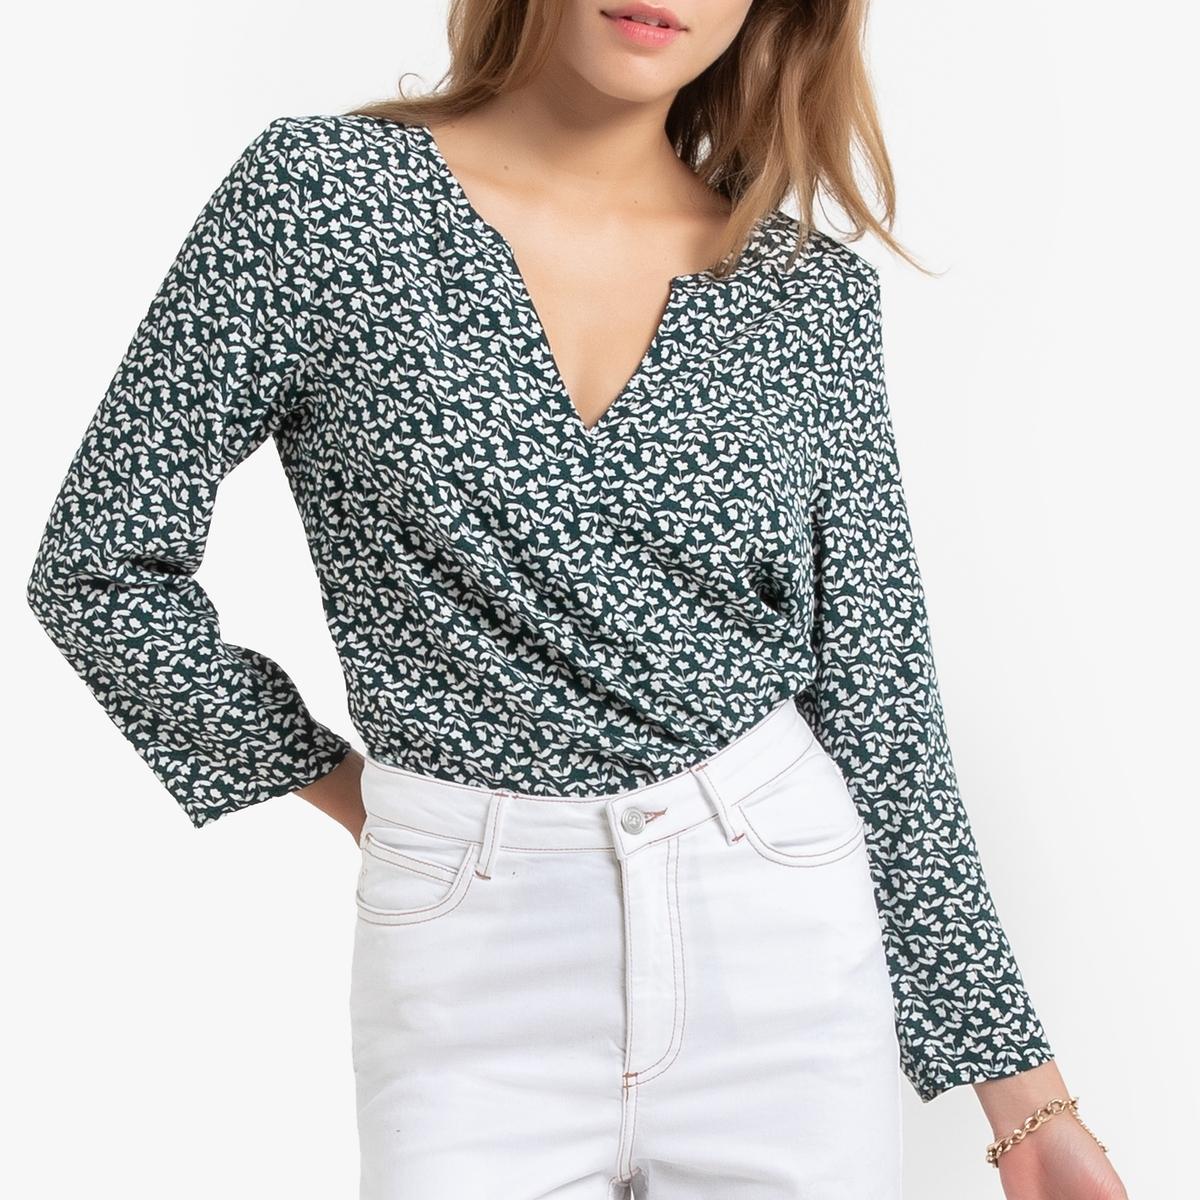 цена Блузка La Redoute С цветочным рисунком V-образным вырезом и рукавами M зеленый онлайн в 2017 году